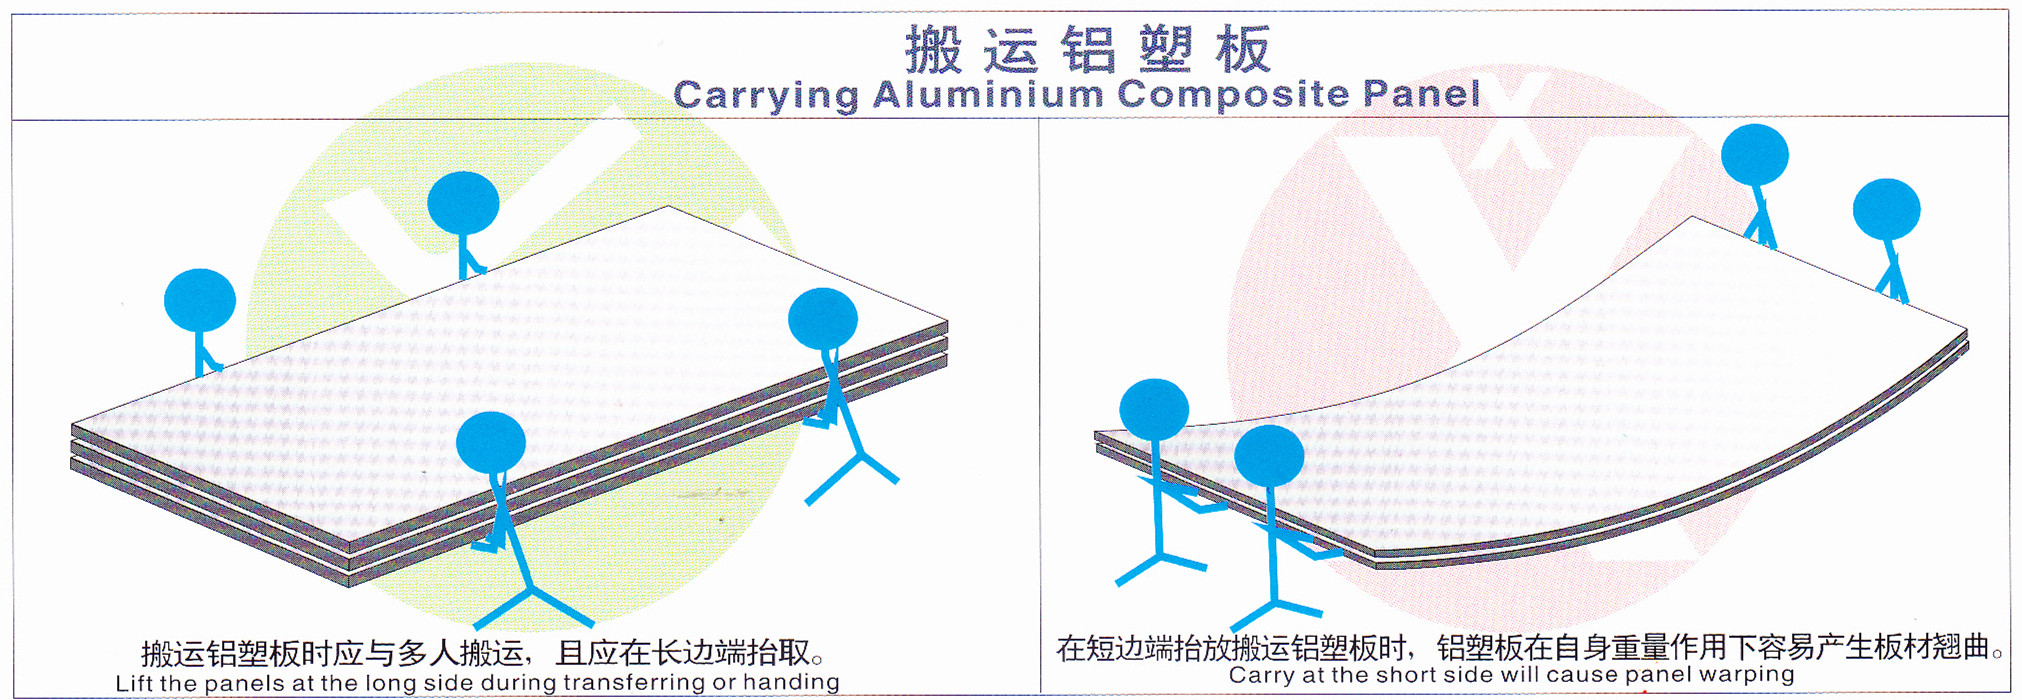 Panel de aluminio compuesto que lleva .jpg